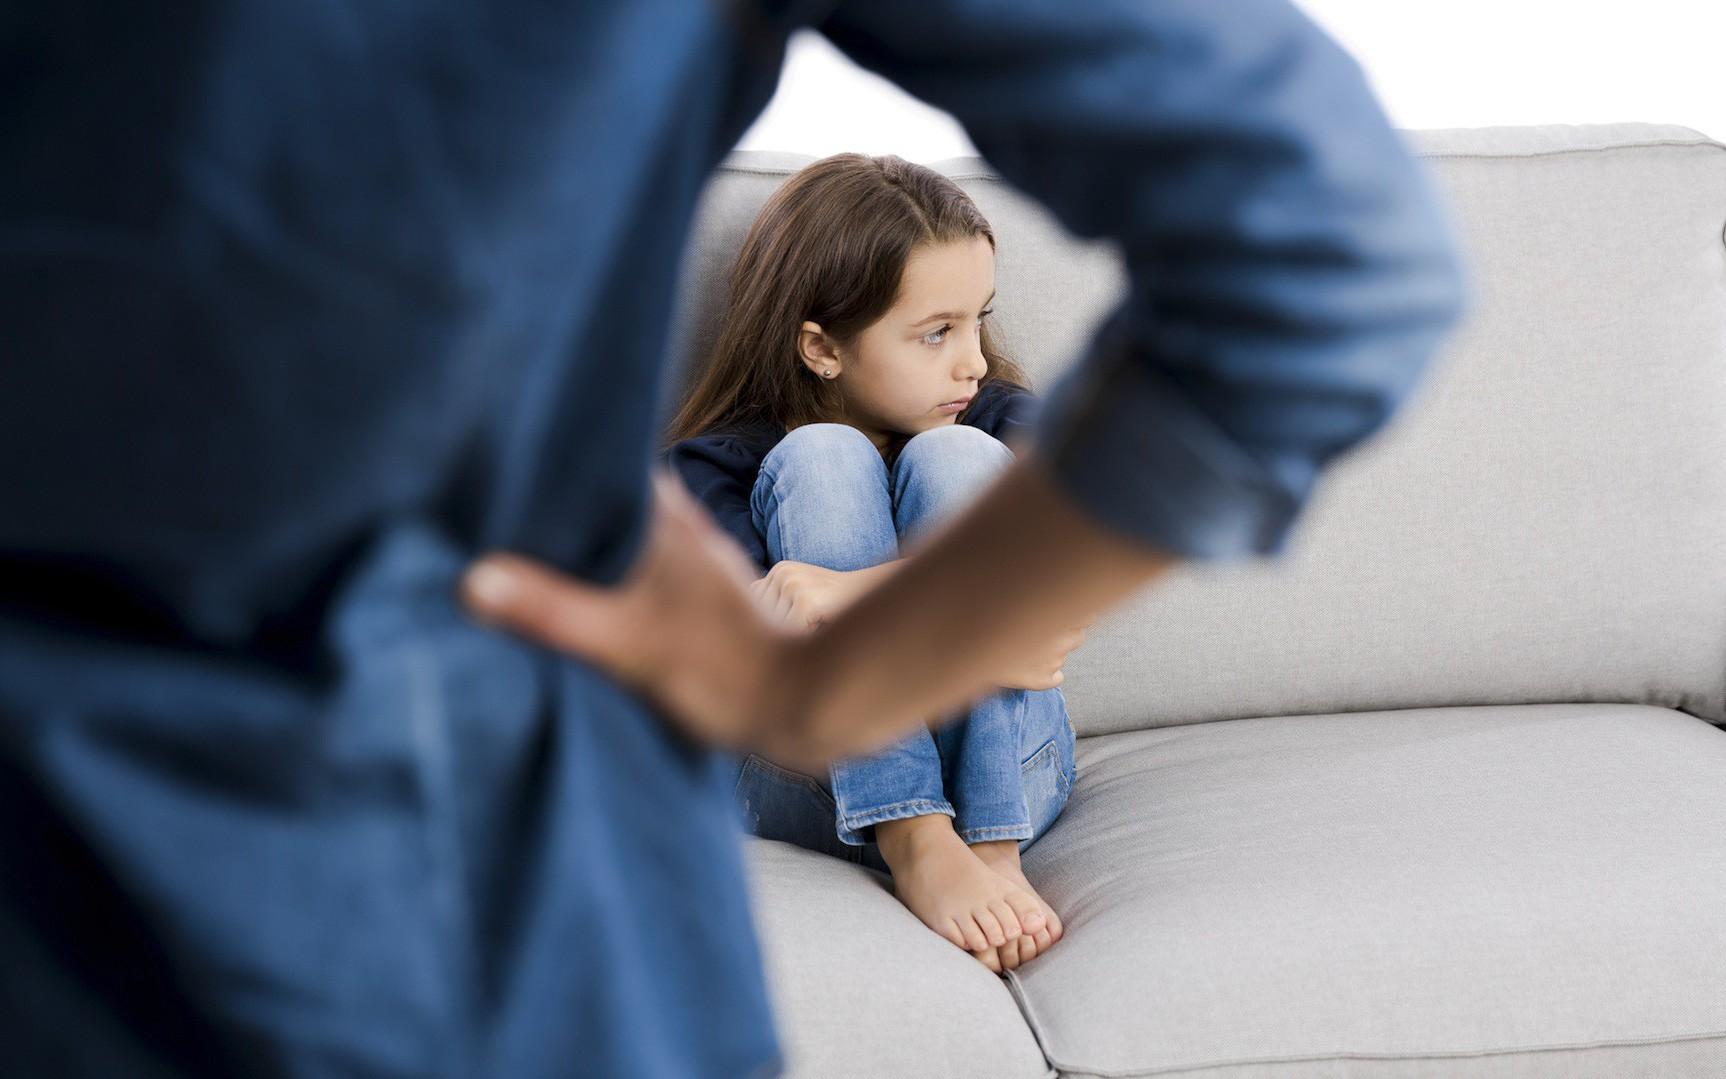 Không cần quát mắng, chuyên gia tâm lý nổi tiếng chỉ cách đơn giản mà cực hiệu quả sửa tật nói dối của con - Ảnh 1